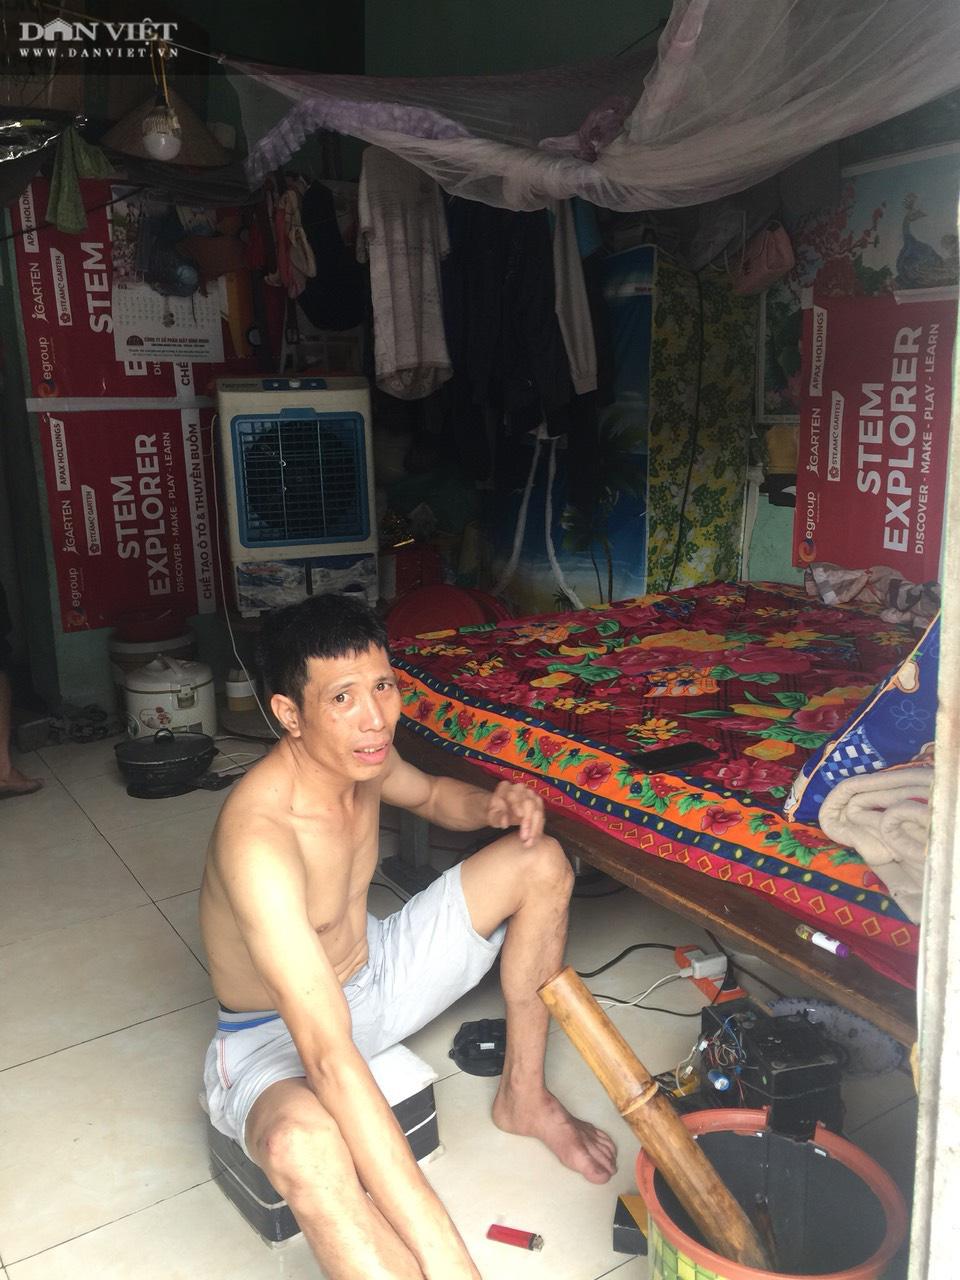 Ám ảnh khủng khiếp ở làng giấy Phú Lâm: Ô nhiễm đến con ruồi cũng không sống nổi, công nhân bán mòn sức - Ảnh 13.